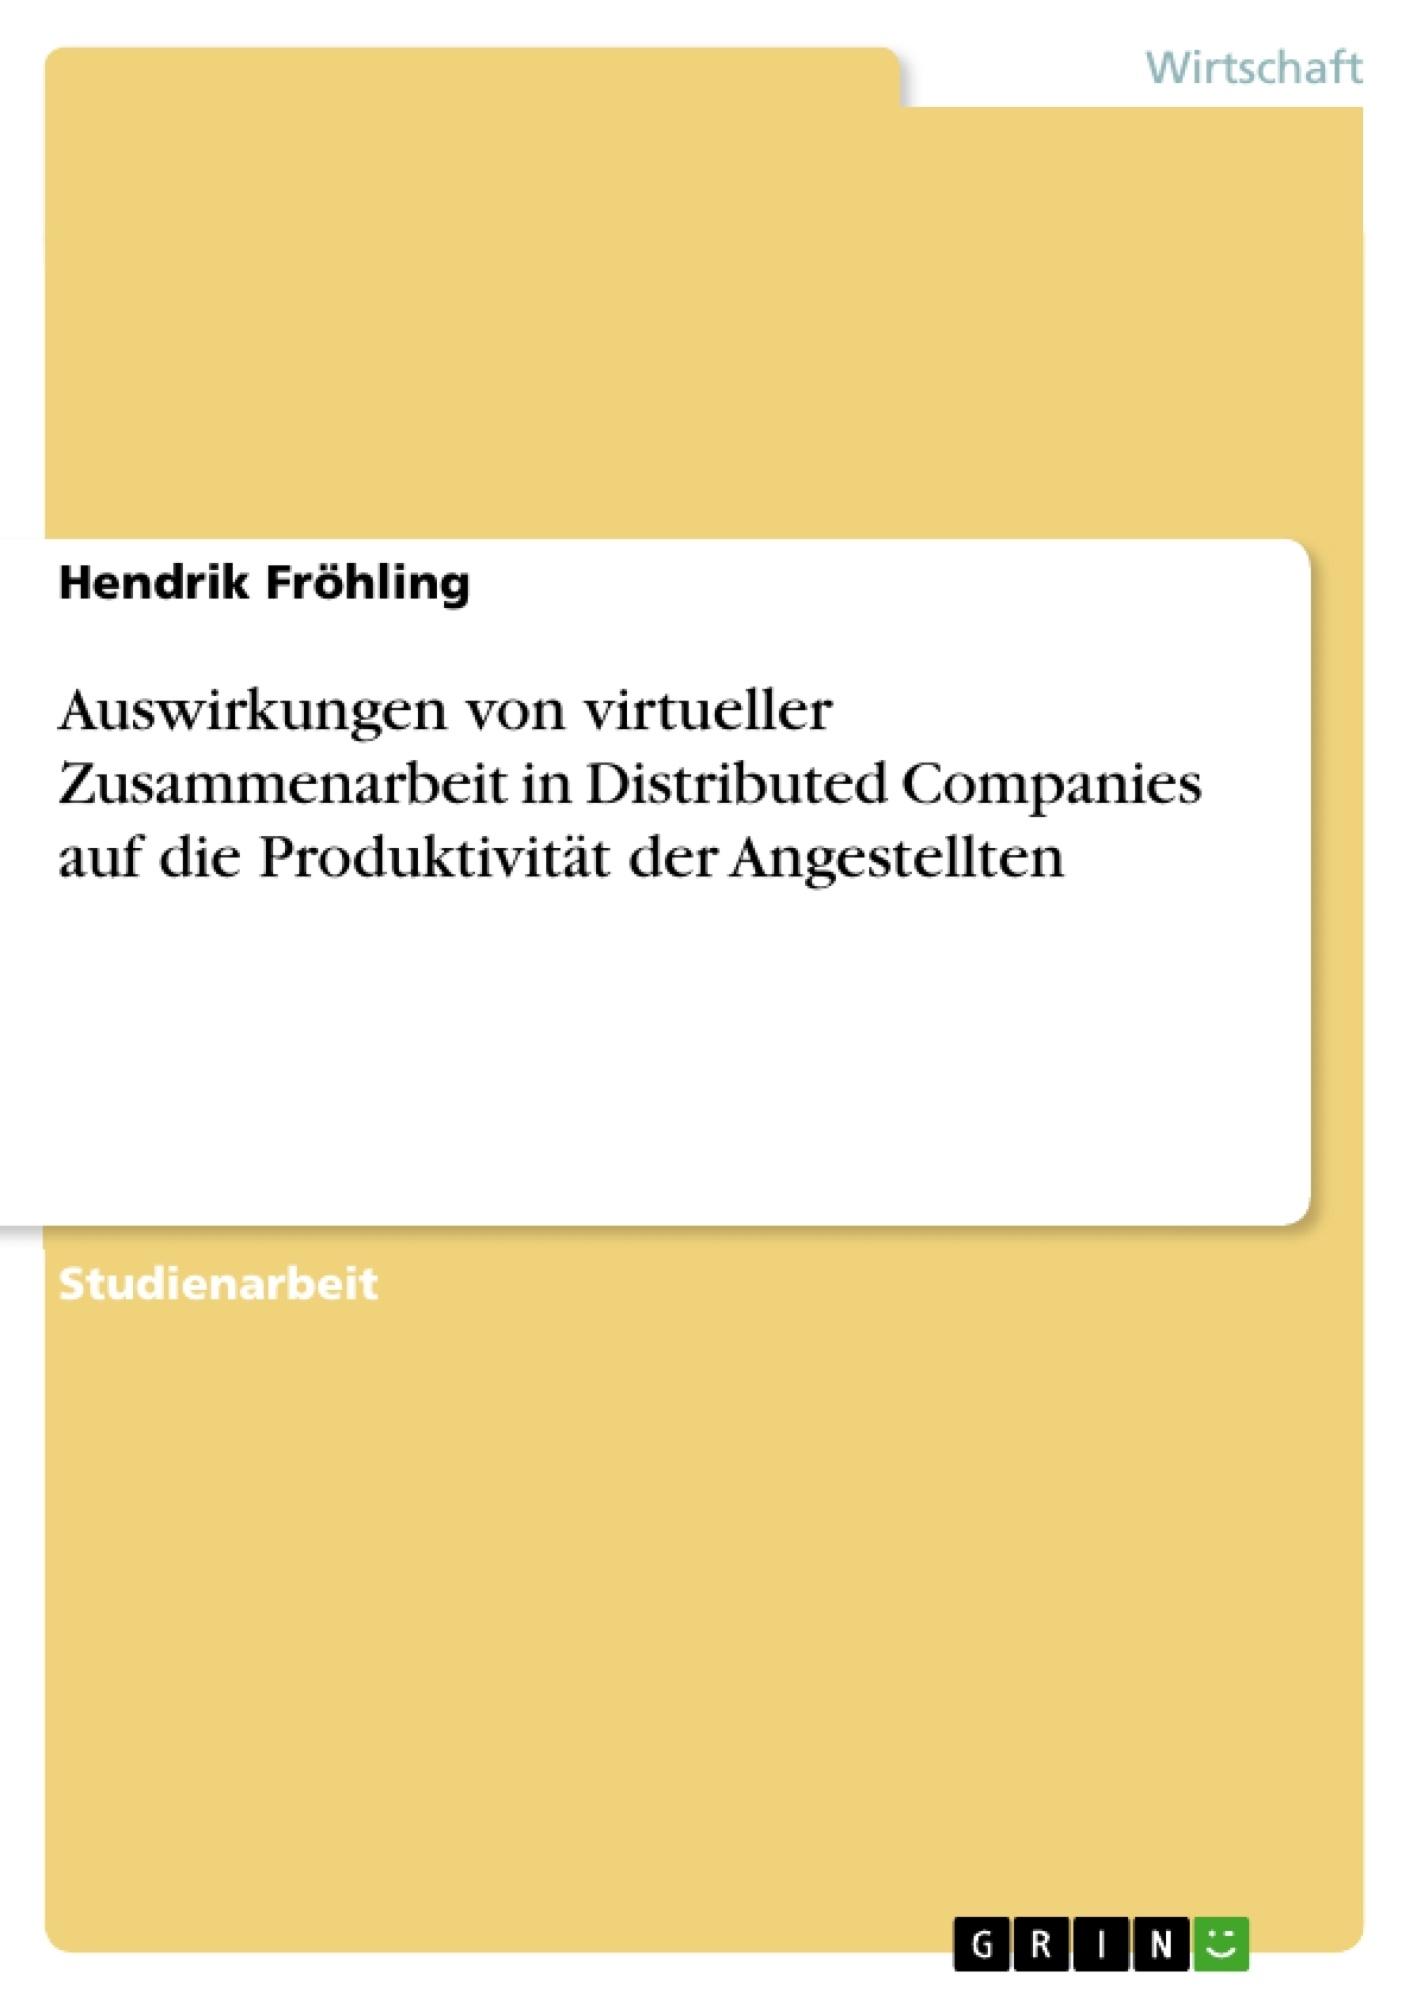 Titel: Auswirkungen von virtueller Zusammenarbeit in Distributed Companies auf die Produktivität der Angestellten